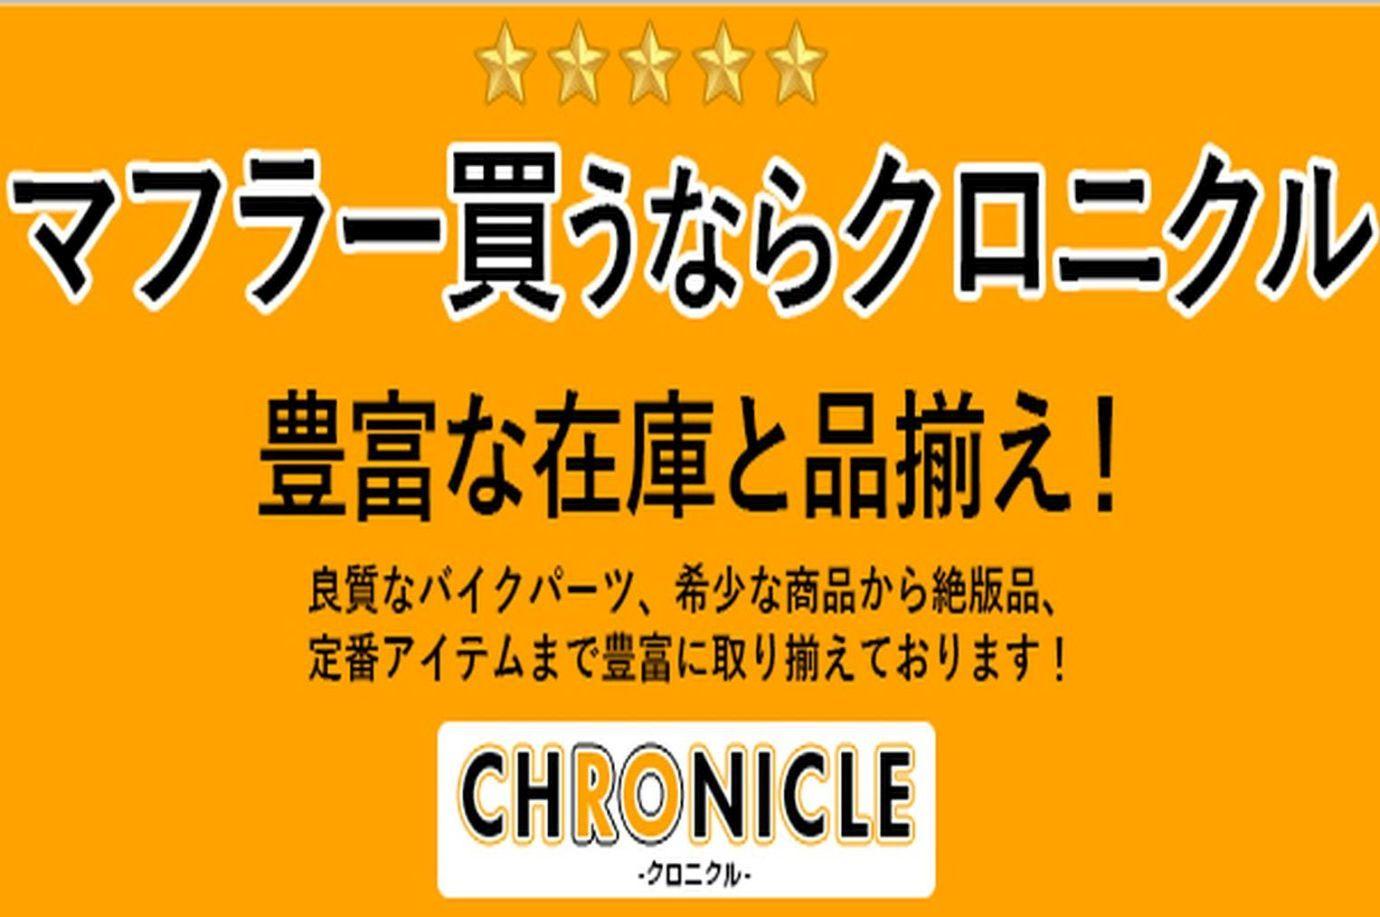 chroniclepart